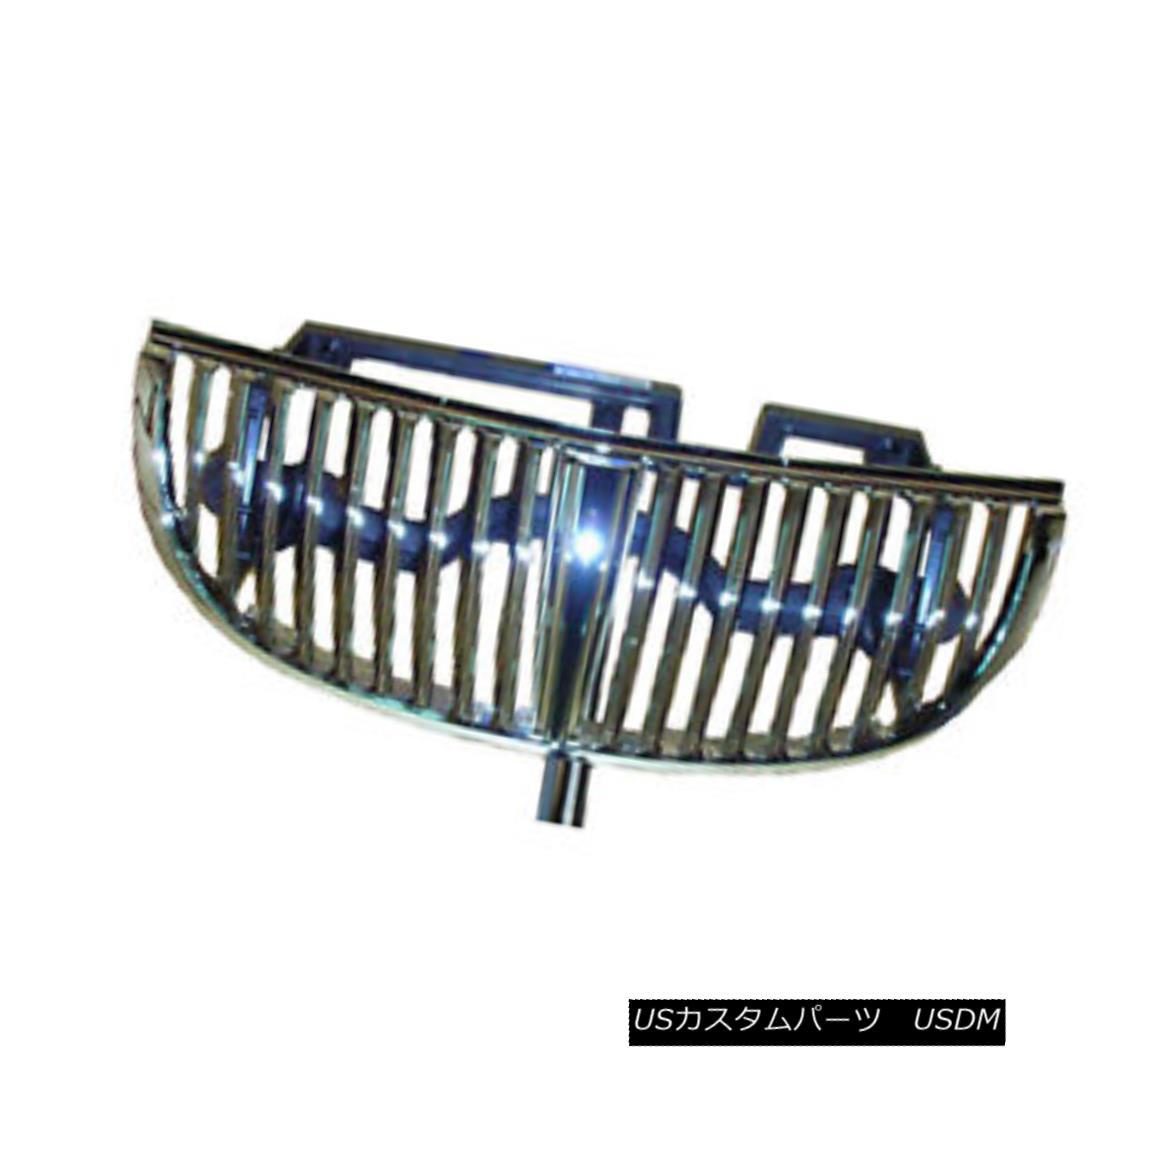 グリル Replacement Grille for 1998-2002 Lincoln Town Car - Chrome 1998-2002年の交換用グリルリンカーンタウンカー - クロム